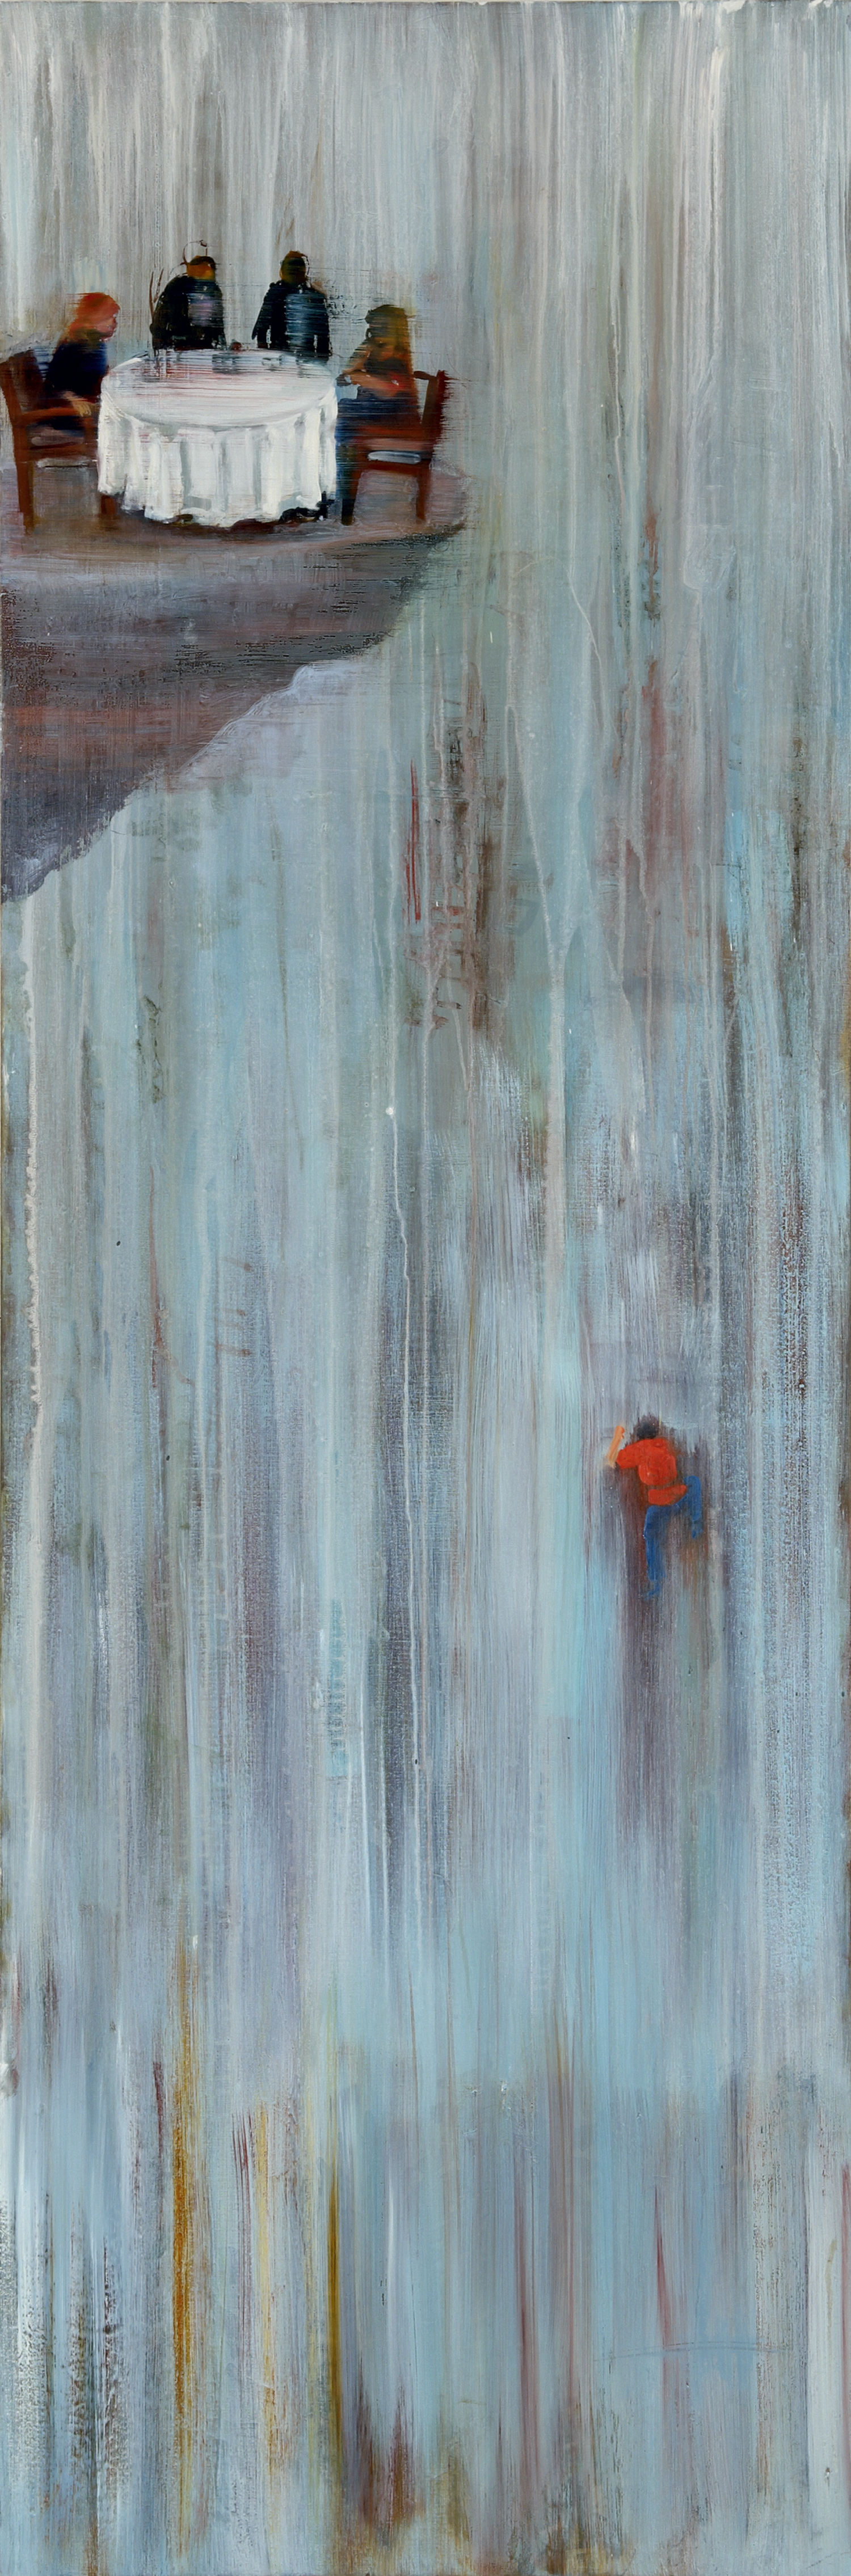 Climber, 2010